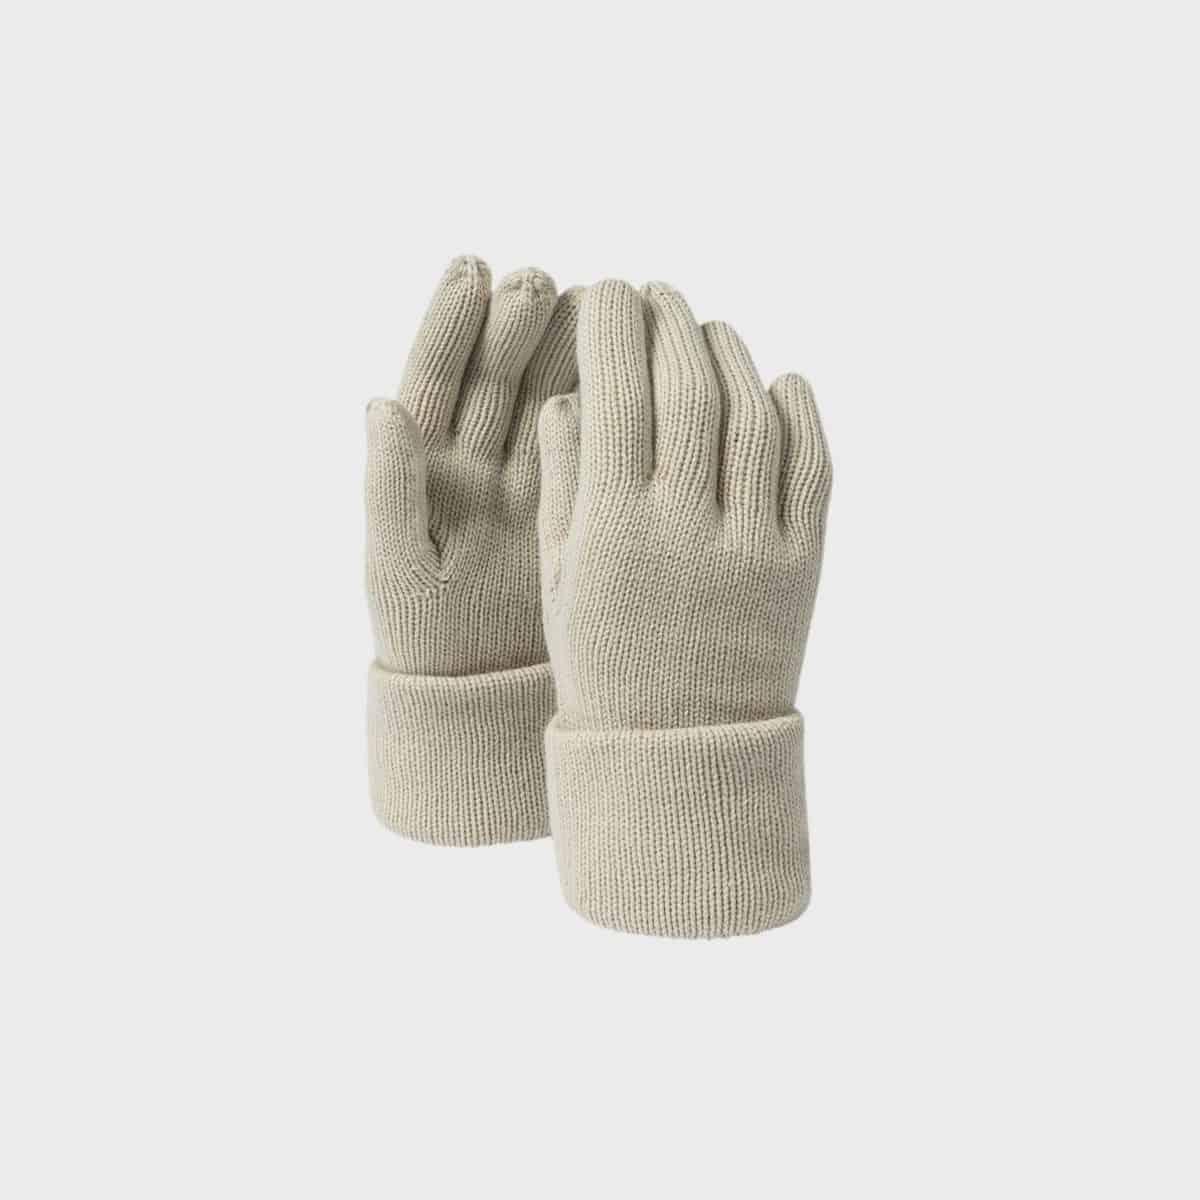 handschuhe-fine-knitted-gloves-sand-kaufen-besticken_stickmanufaktur